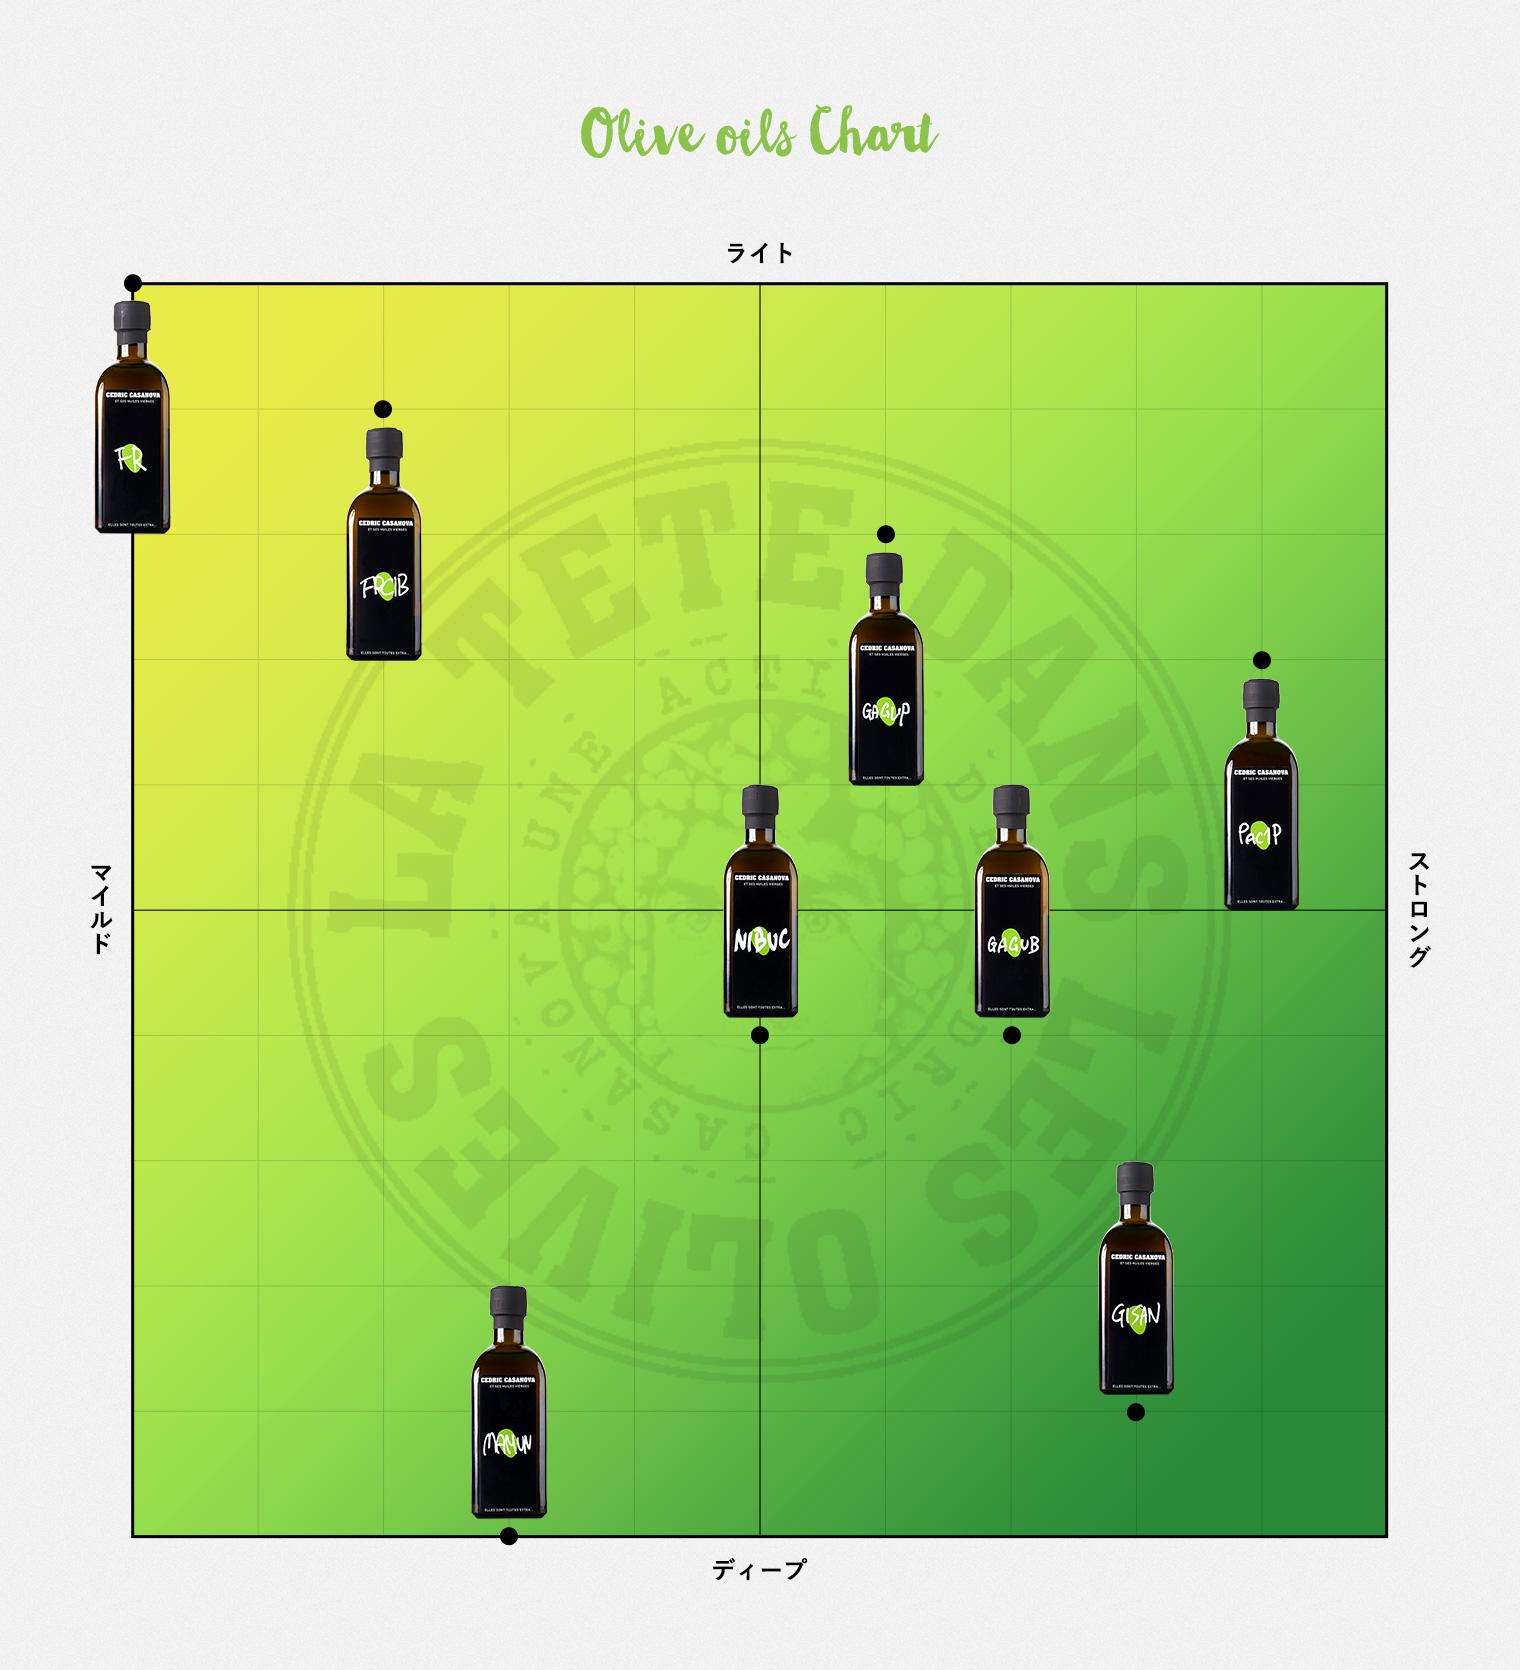 Olive oils Chart